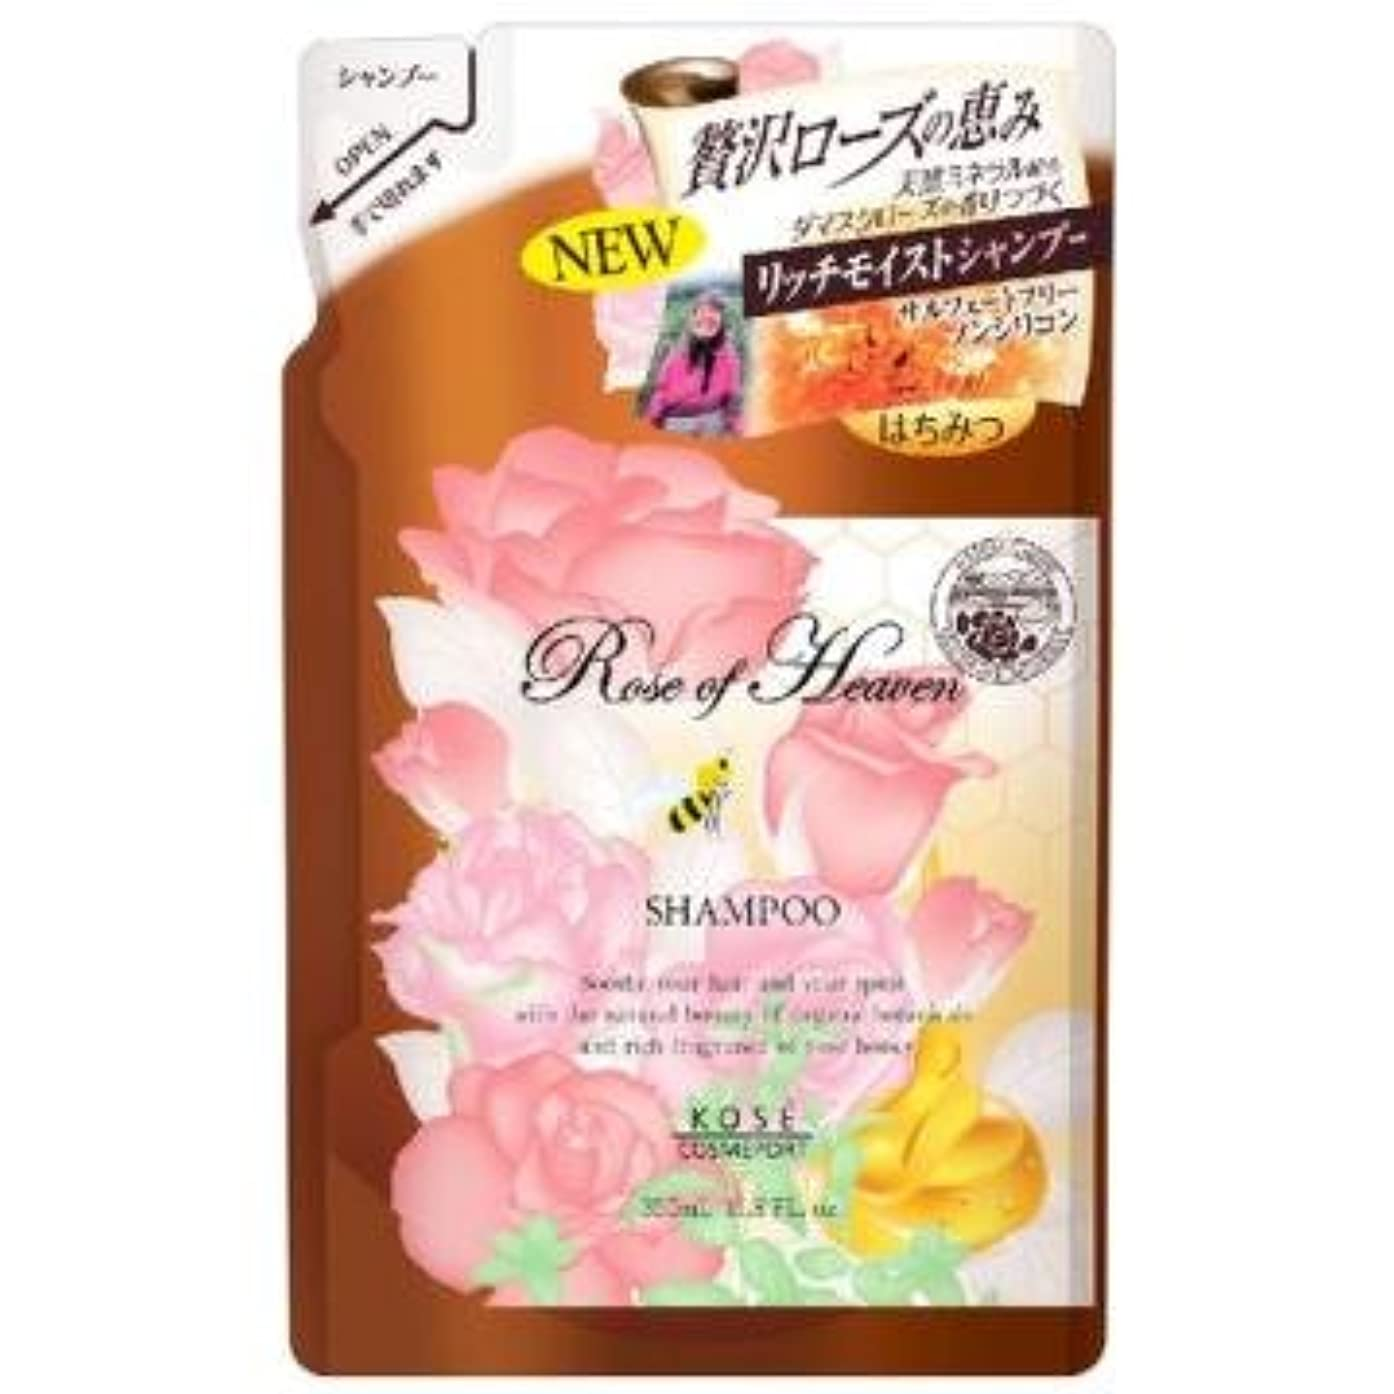 引数彼の概要コーセー ローズオブヘブン シャンプー つめかえ 350mL ノンシリコン ダマスクローズの優雅な香り お得な詰替え用 ×12点セット (4971710384581)